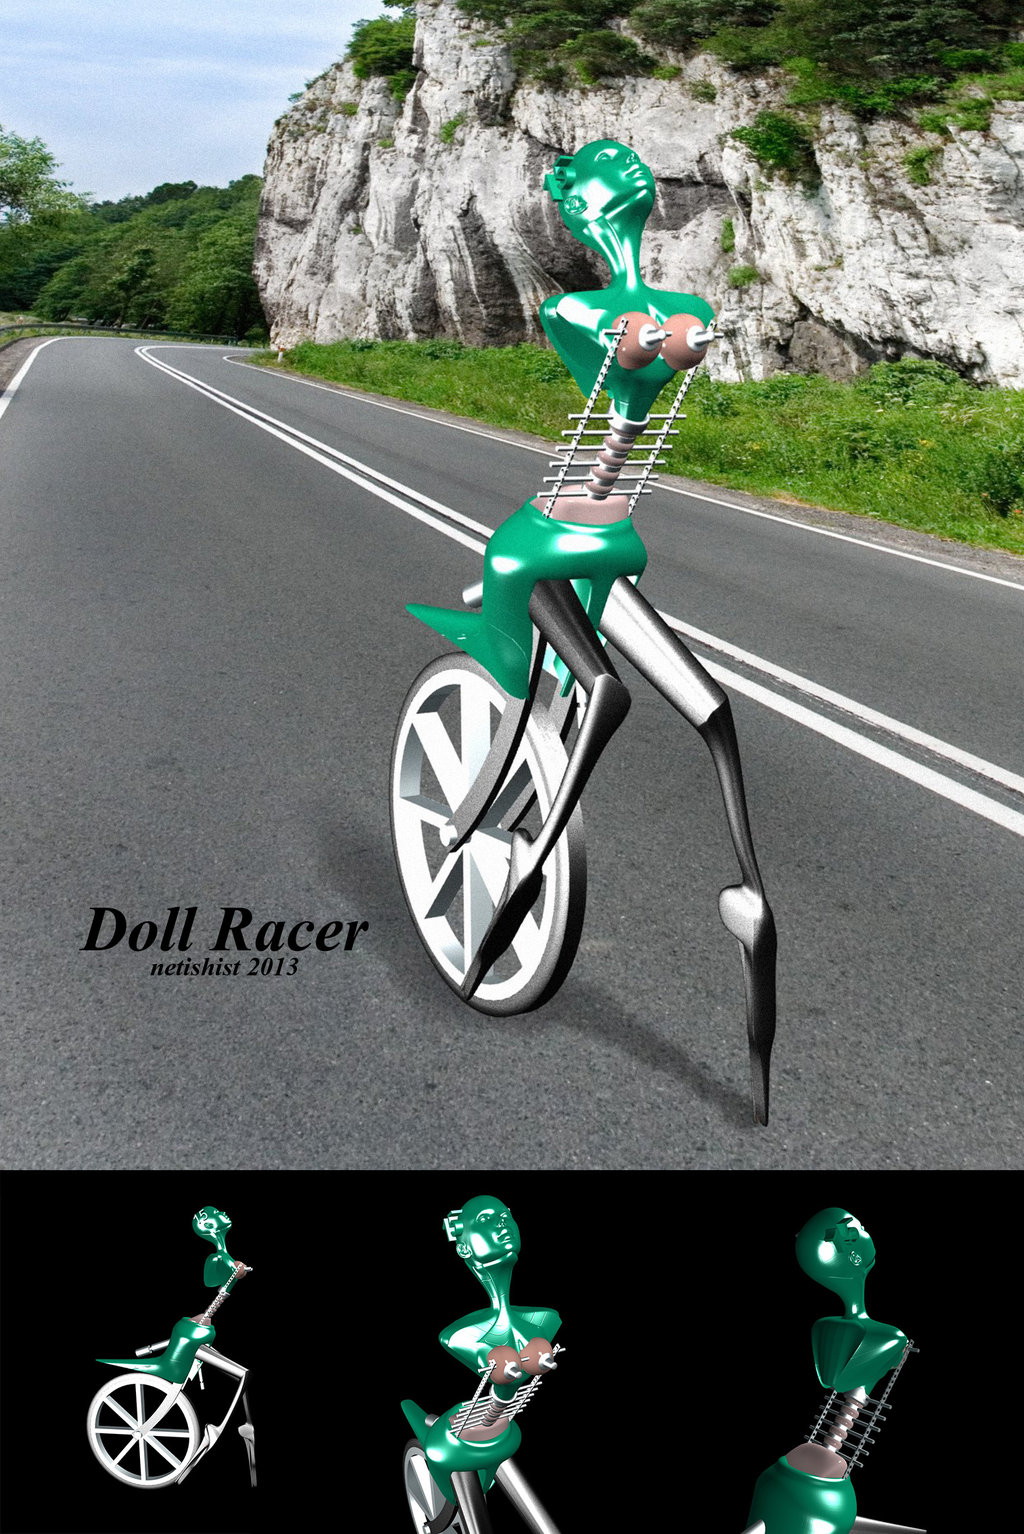 doll_racer_by_netishist-d5q2qbn